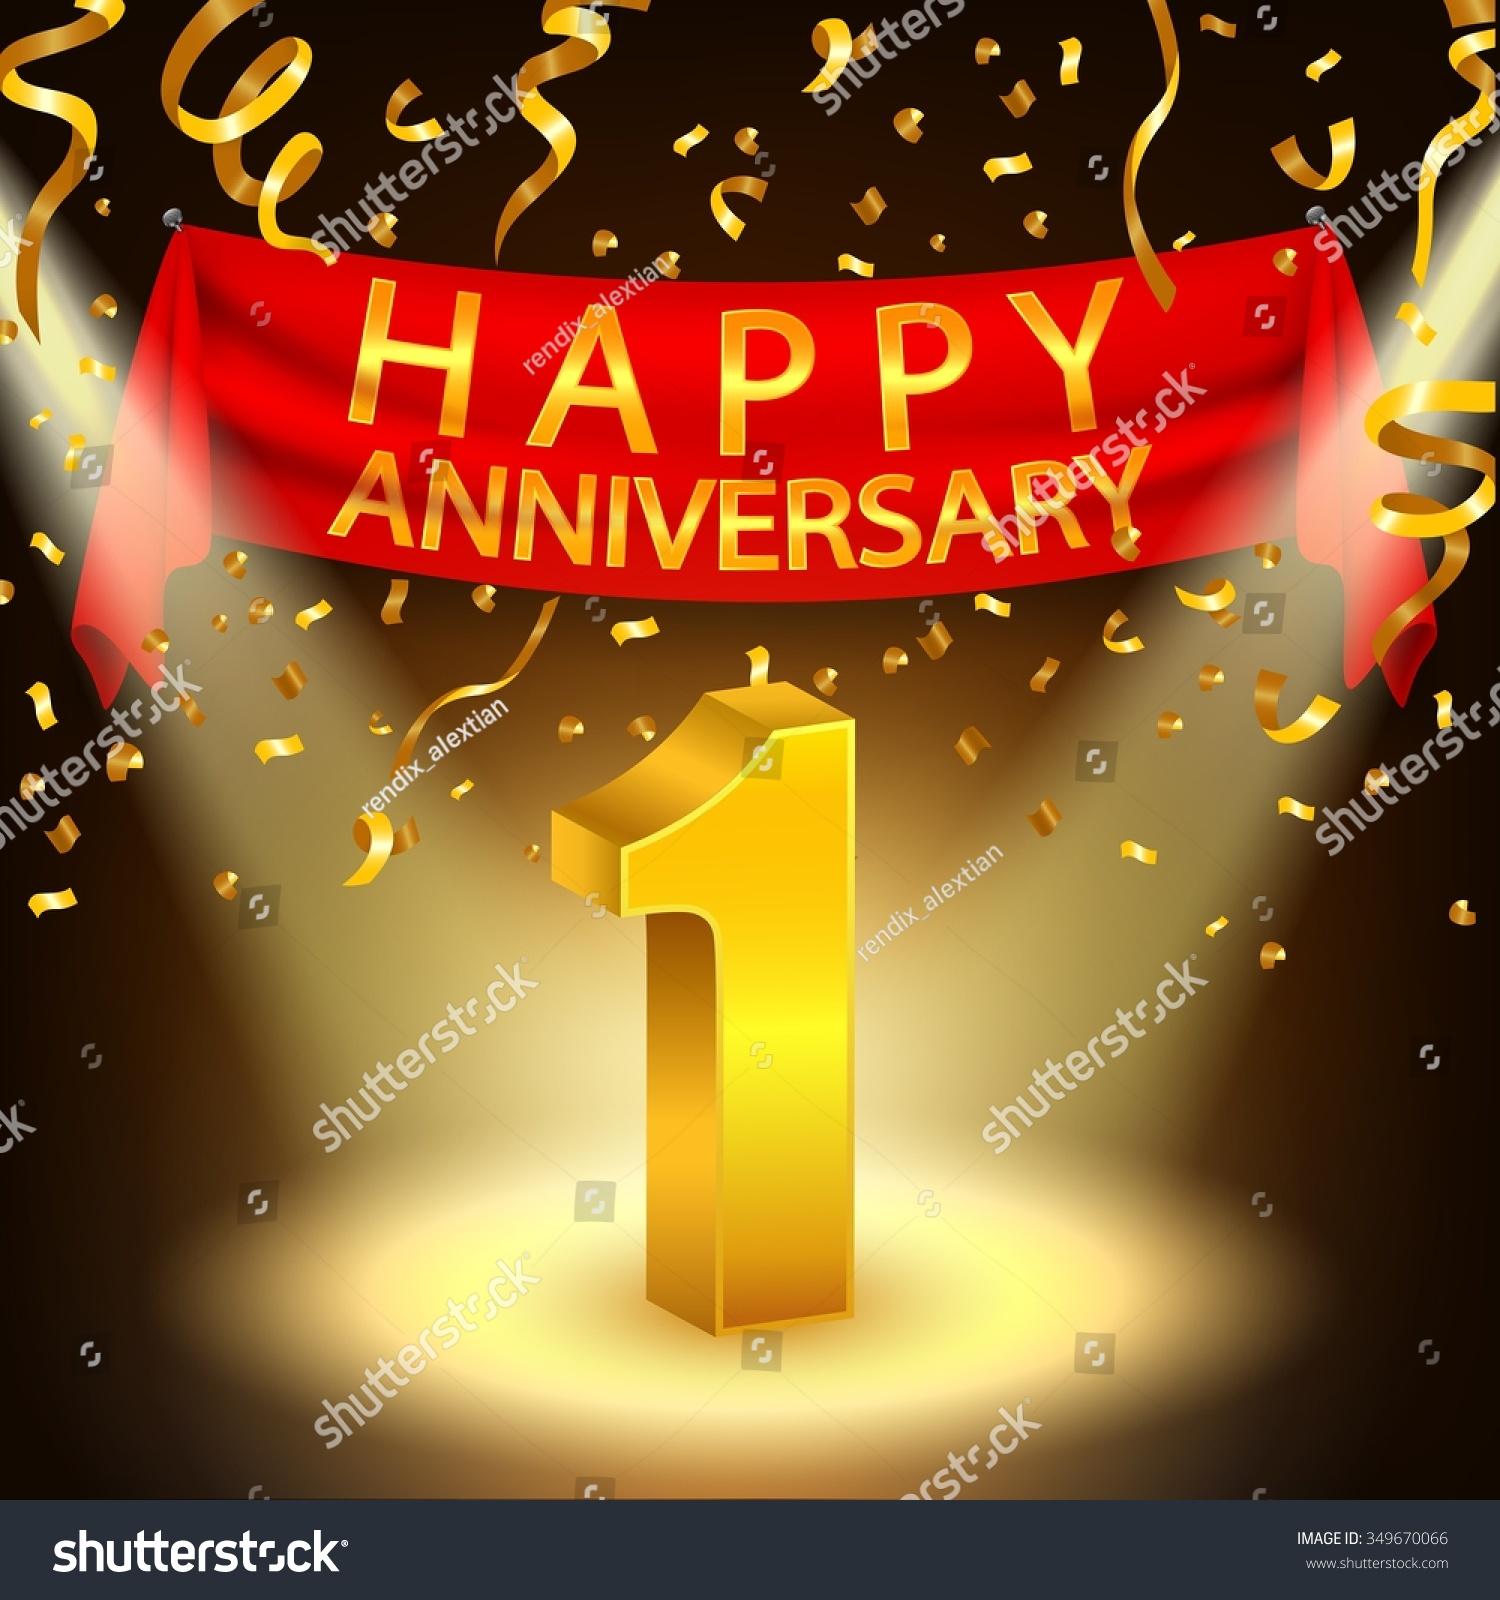 Happy st anniversary celebration golden confetti stock